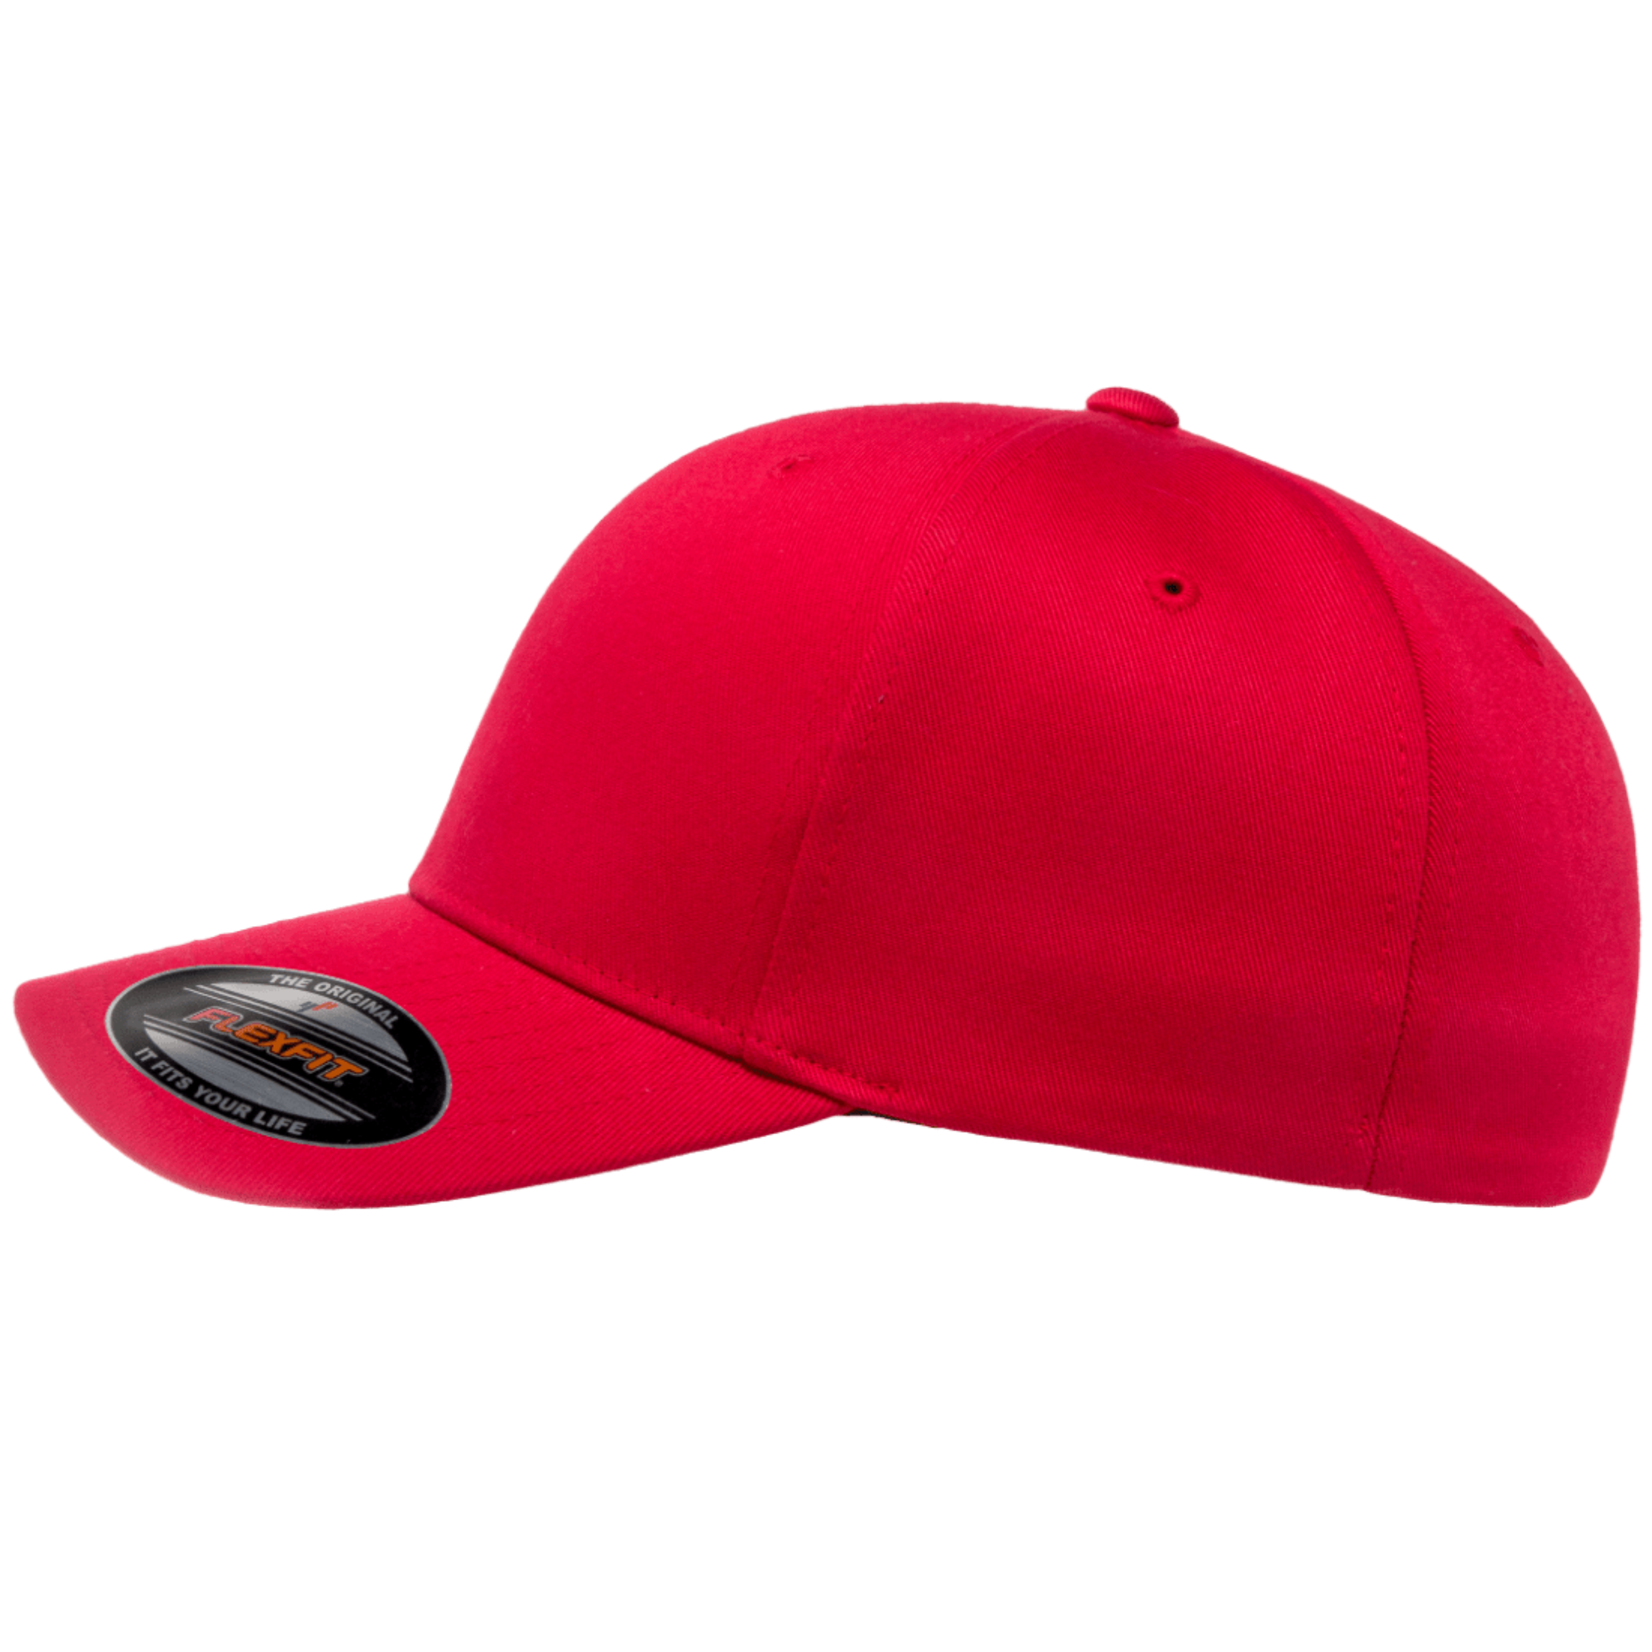 Flexfit Flexfit 6277 Classic Ballcap - Red